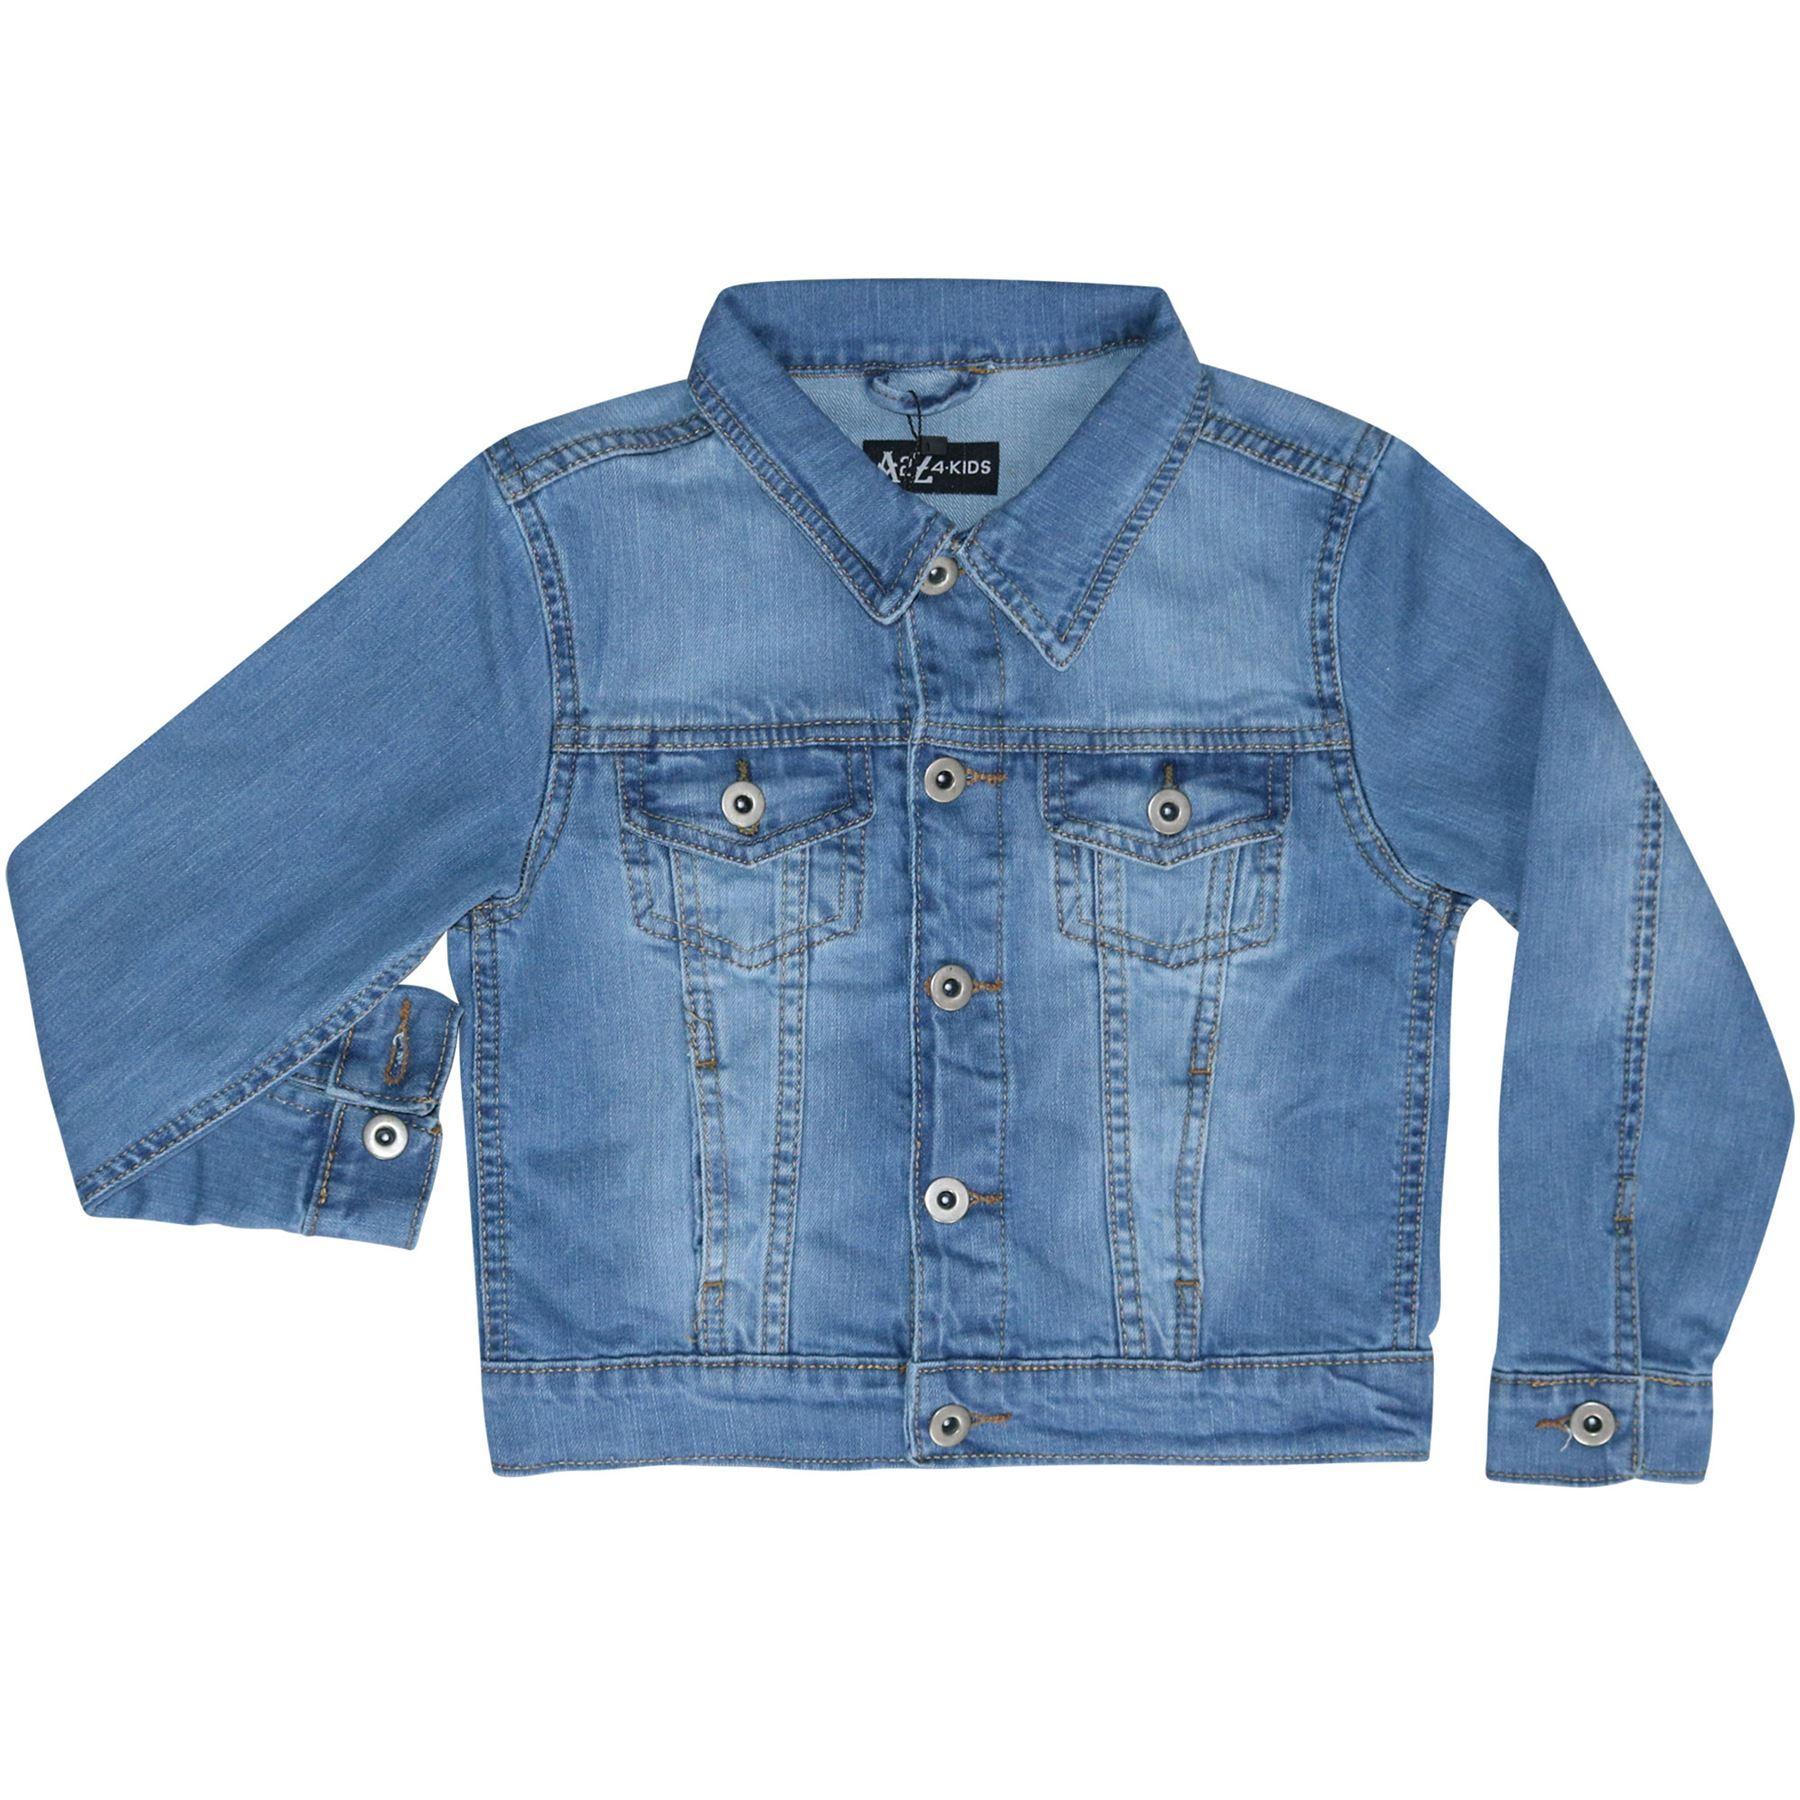 Bambini Ragazzi Designer giacche In Jeans Denim Blu Moda Giacca cappotto NEW AGE 3-13 ANNO